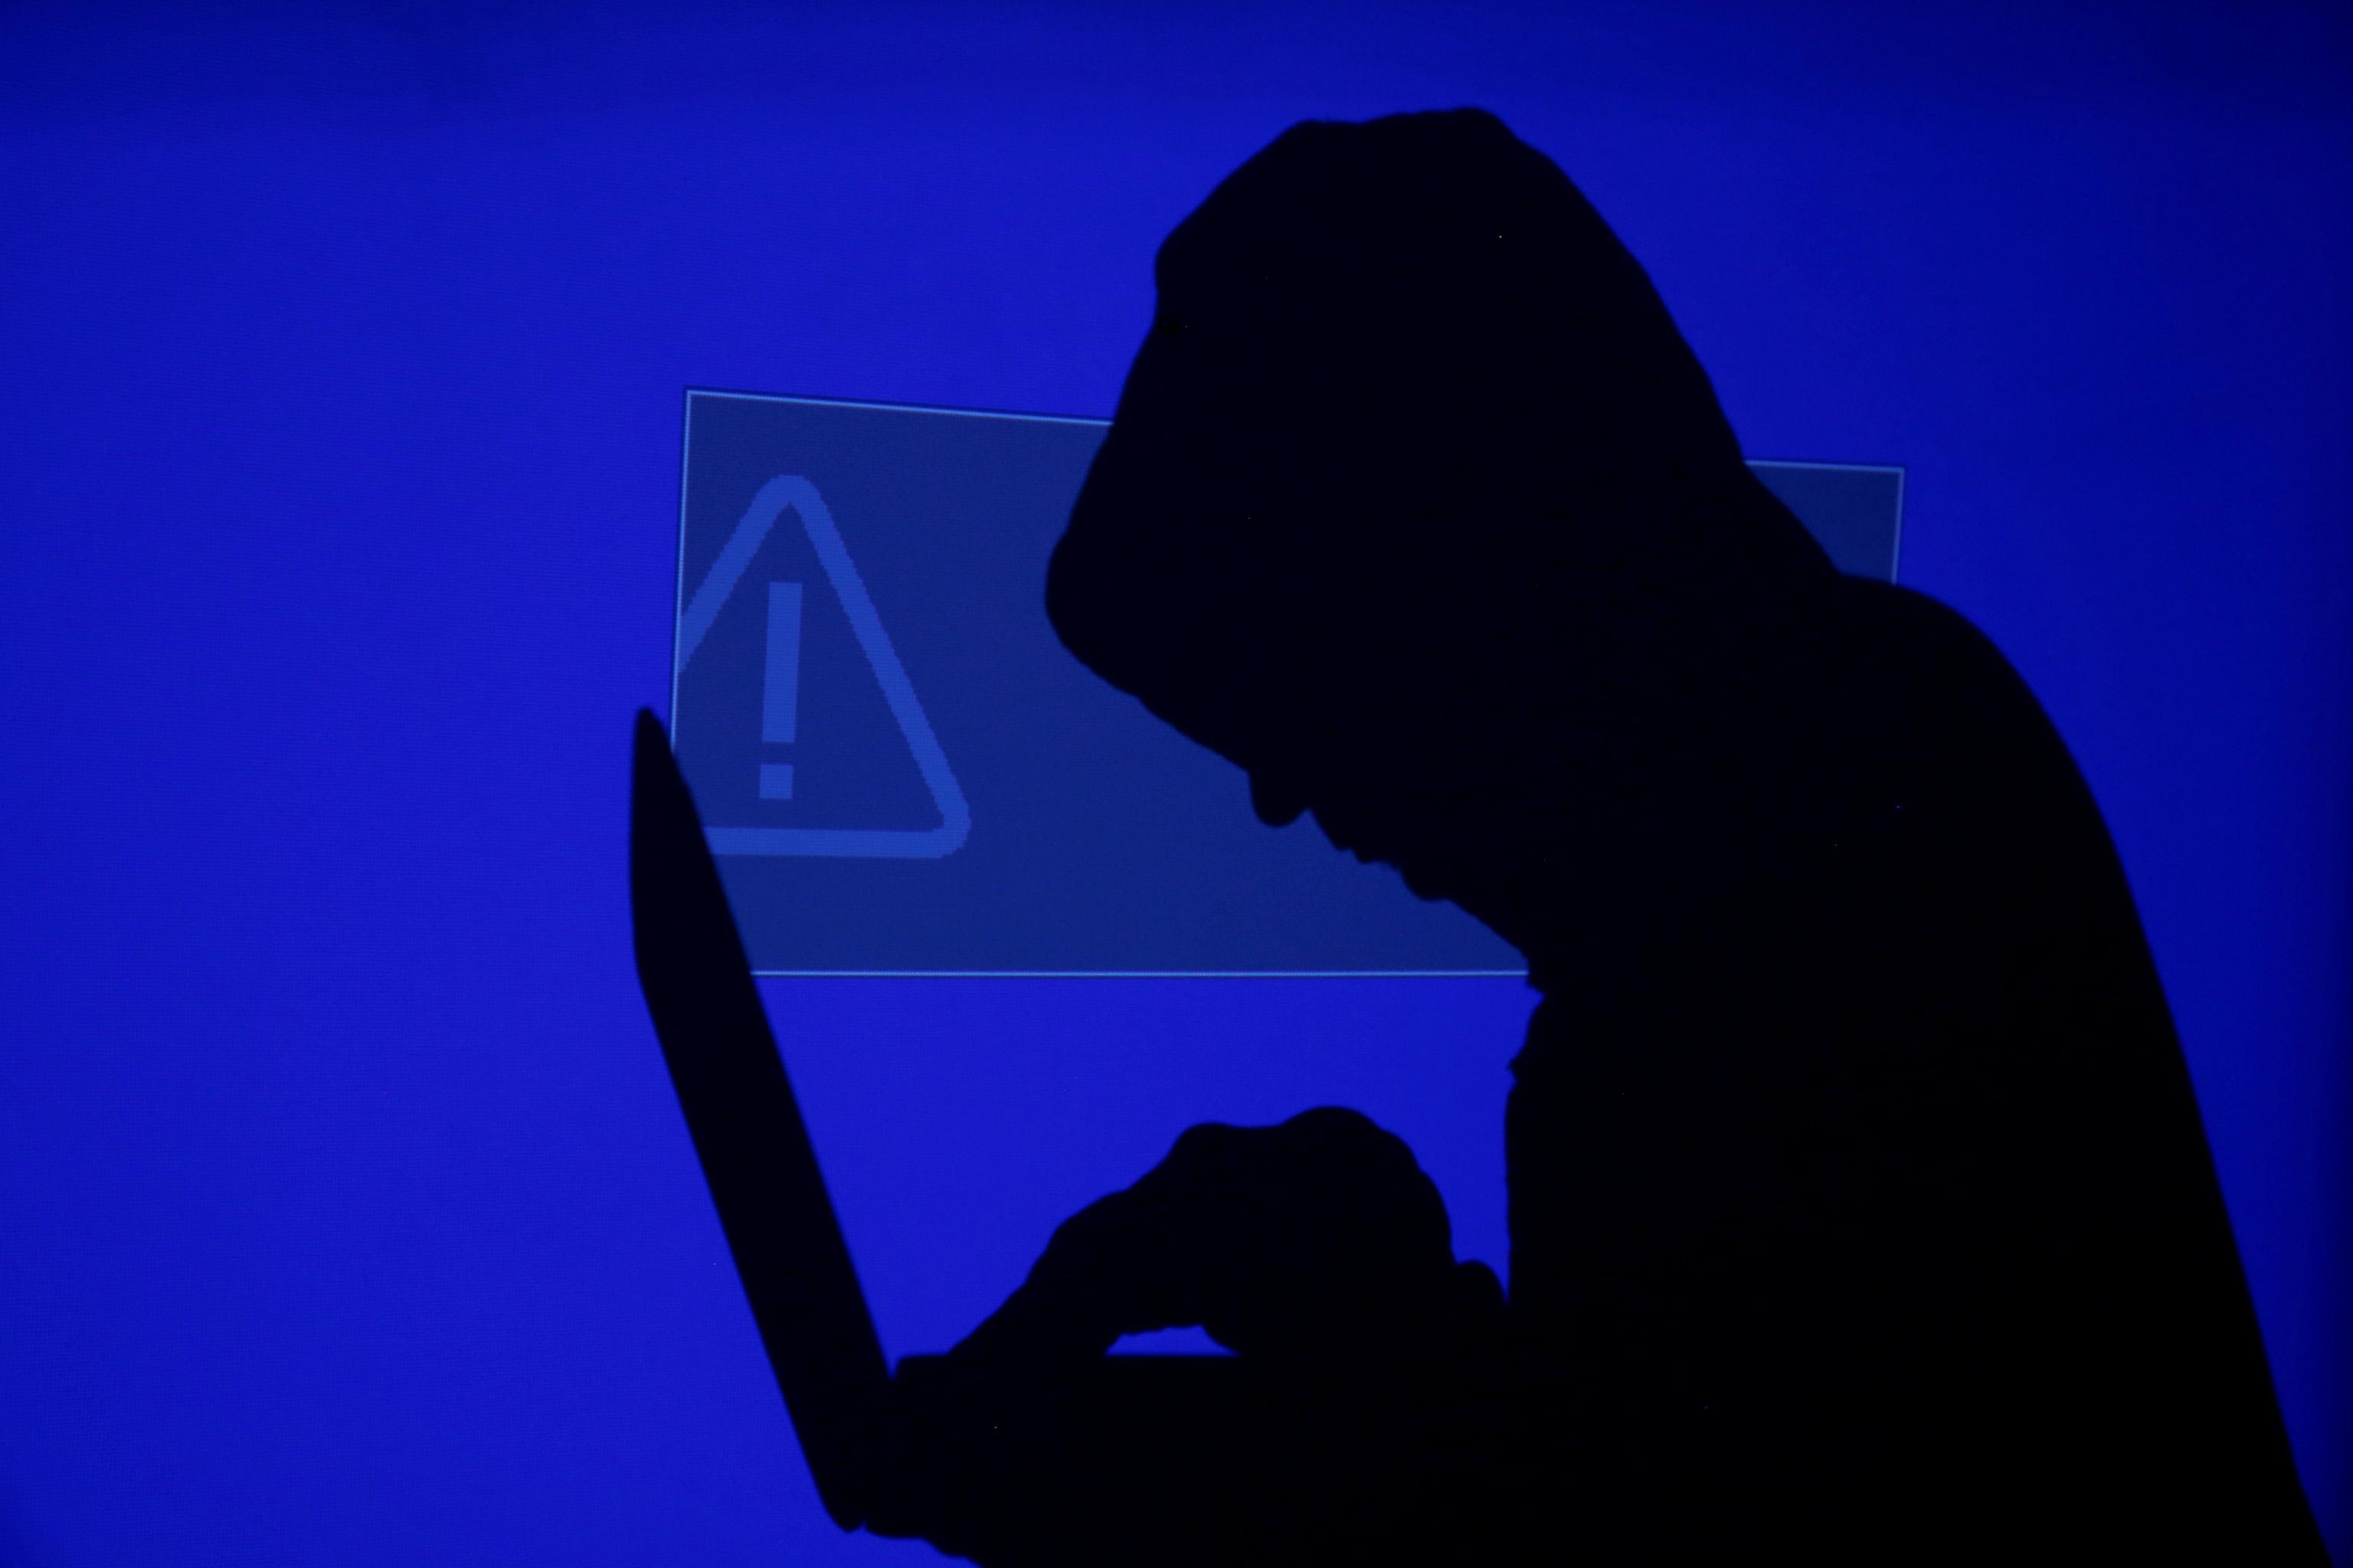 Joe Biden ordena investigar si el ciberataque a Kaseya proviene de Rusia